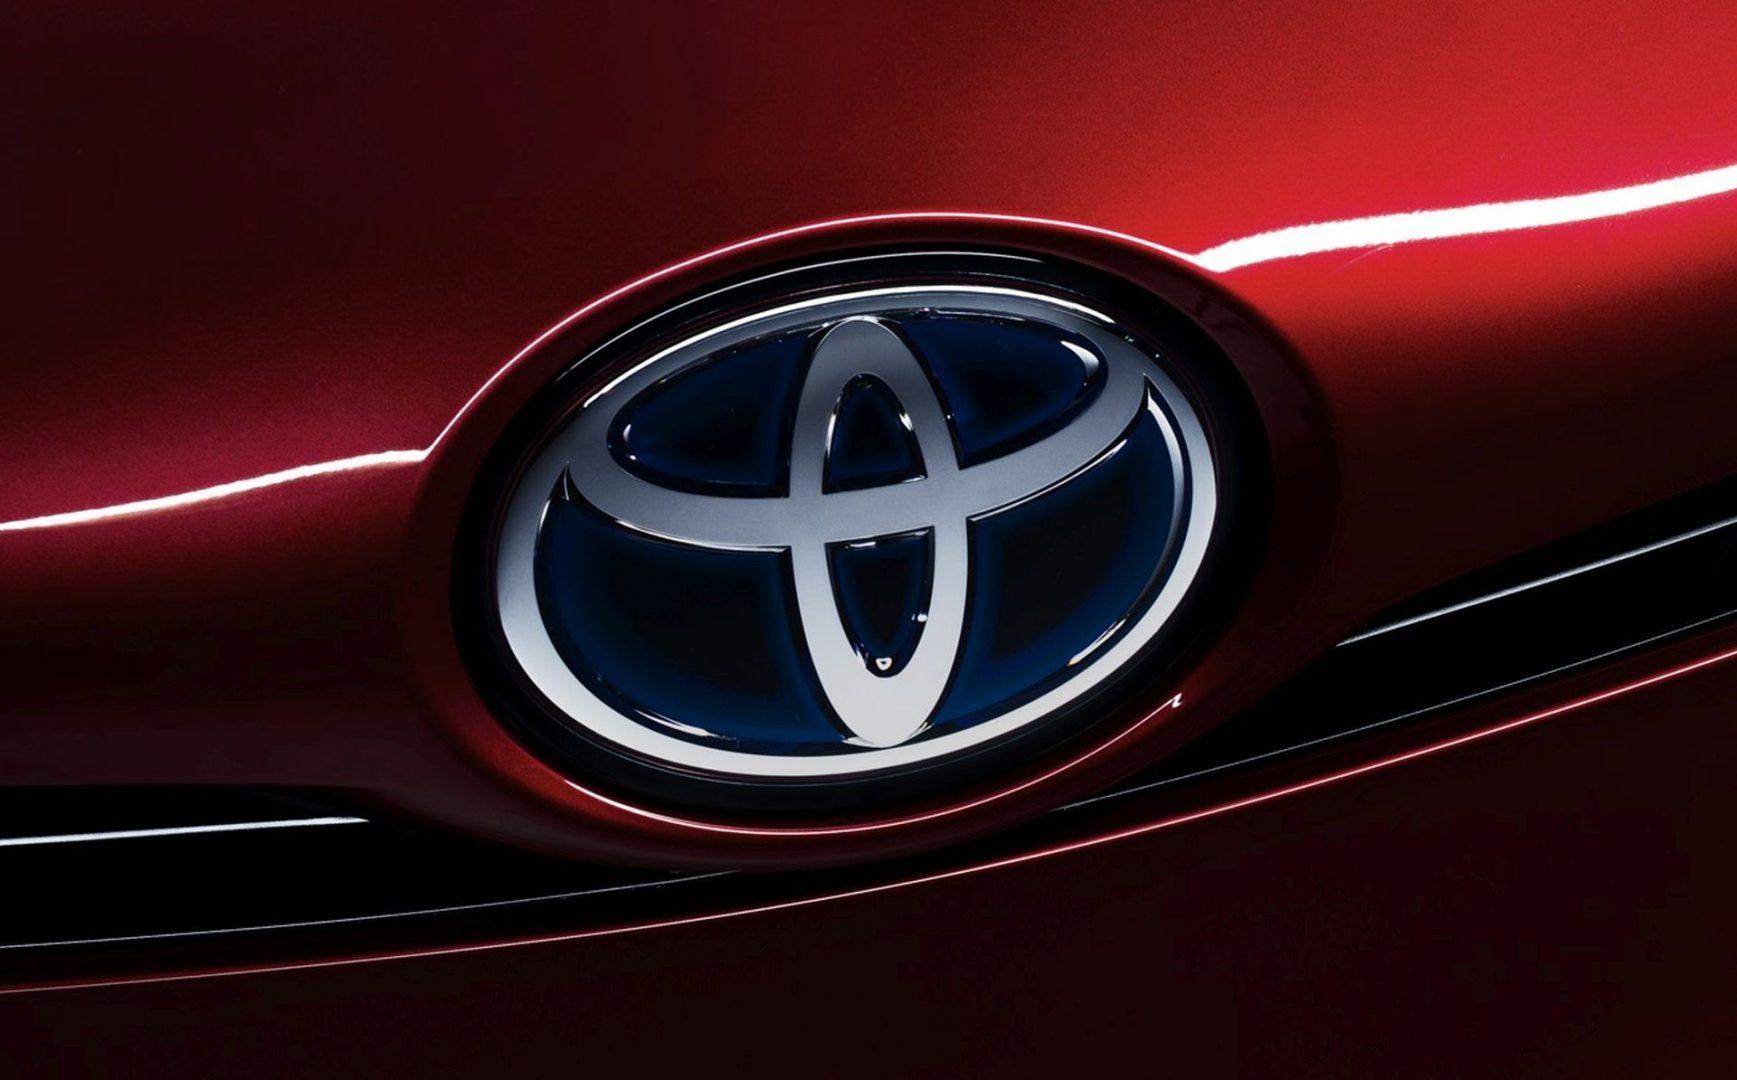 Toyota ustupa THUMS, program za povećanje sigurnosti u prometu